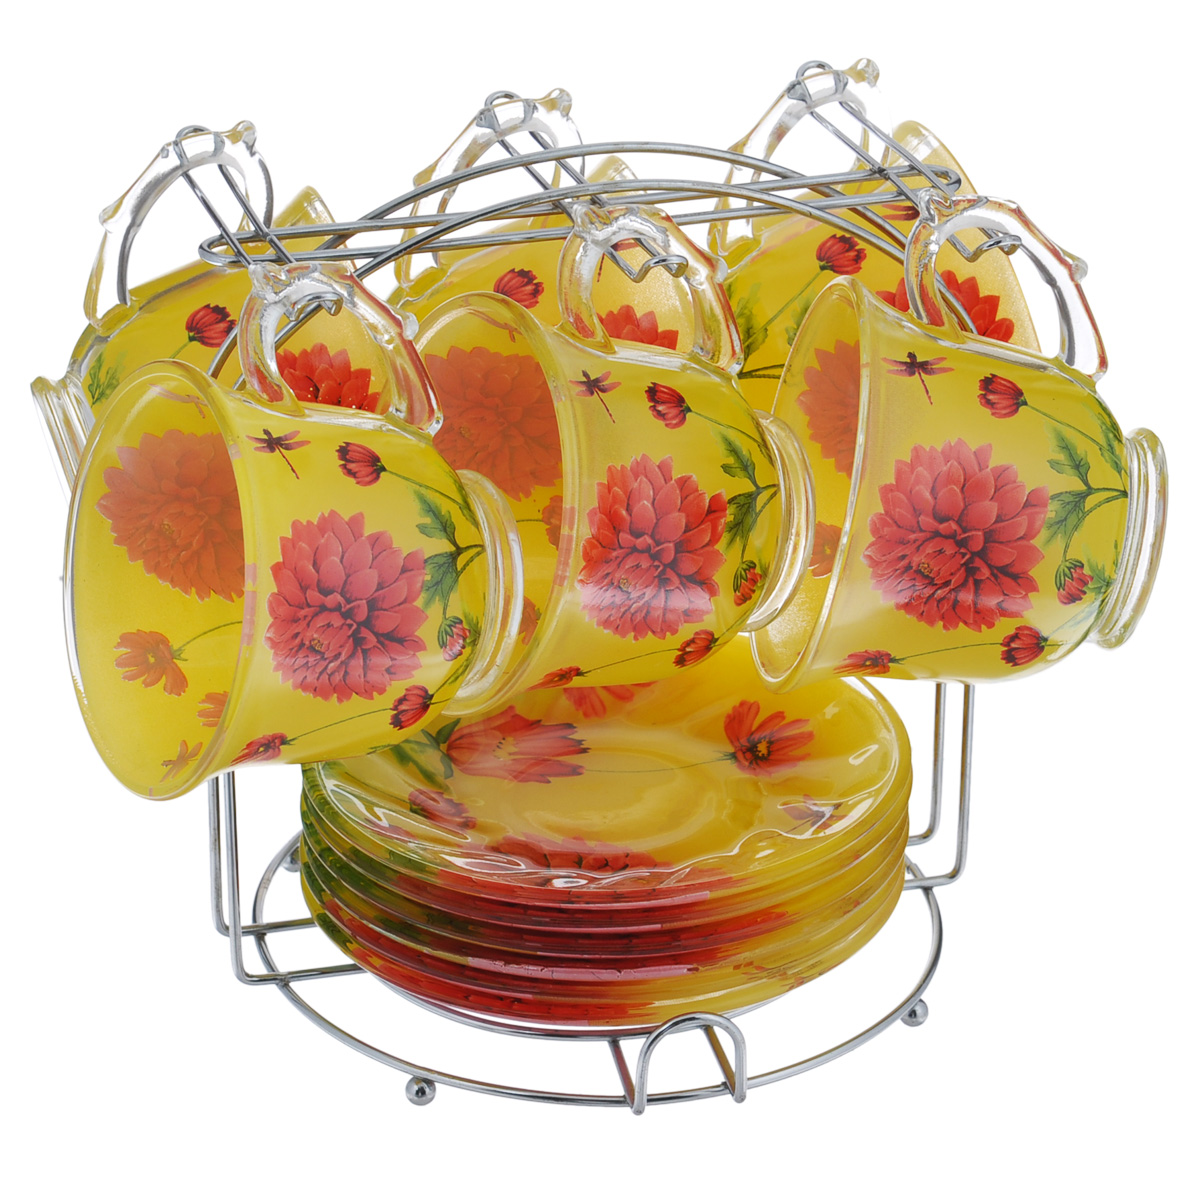 Набор чайный Bekker, 13 предметов. BK-5810VT-1520(SR)Чайный набор Bekker состоит из шести чашек и шести блюдец. Предметы набора изготовлены из высококачественного жаропрочного стекла и оформлены красочным цветочным рисунком. Блюдца круглой формы. В комплекте - металлическая хромированная подставка с шестью крючками для подвешивания кружек и подставкой для блюдец.Чайный набор яркого и в тоже время лаконичного дизайна украсит интерьер кухни и сделает ежедневное чаепитие настоящим праздником. Подходит для мытья в посудомоечной машине. Объем чашки: 220 мл. Диаметр чашки (по верхнему краю): 9 см. Высота чашки: 7,5 см. Диаметр блюдца: 13,8 см. Размер подставки: 18 см х 18 см х 19,5 см.